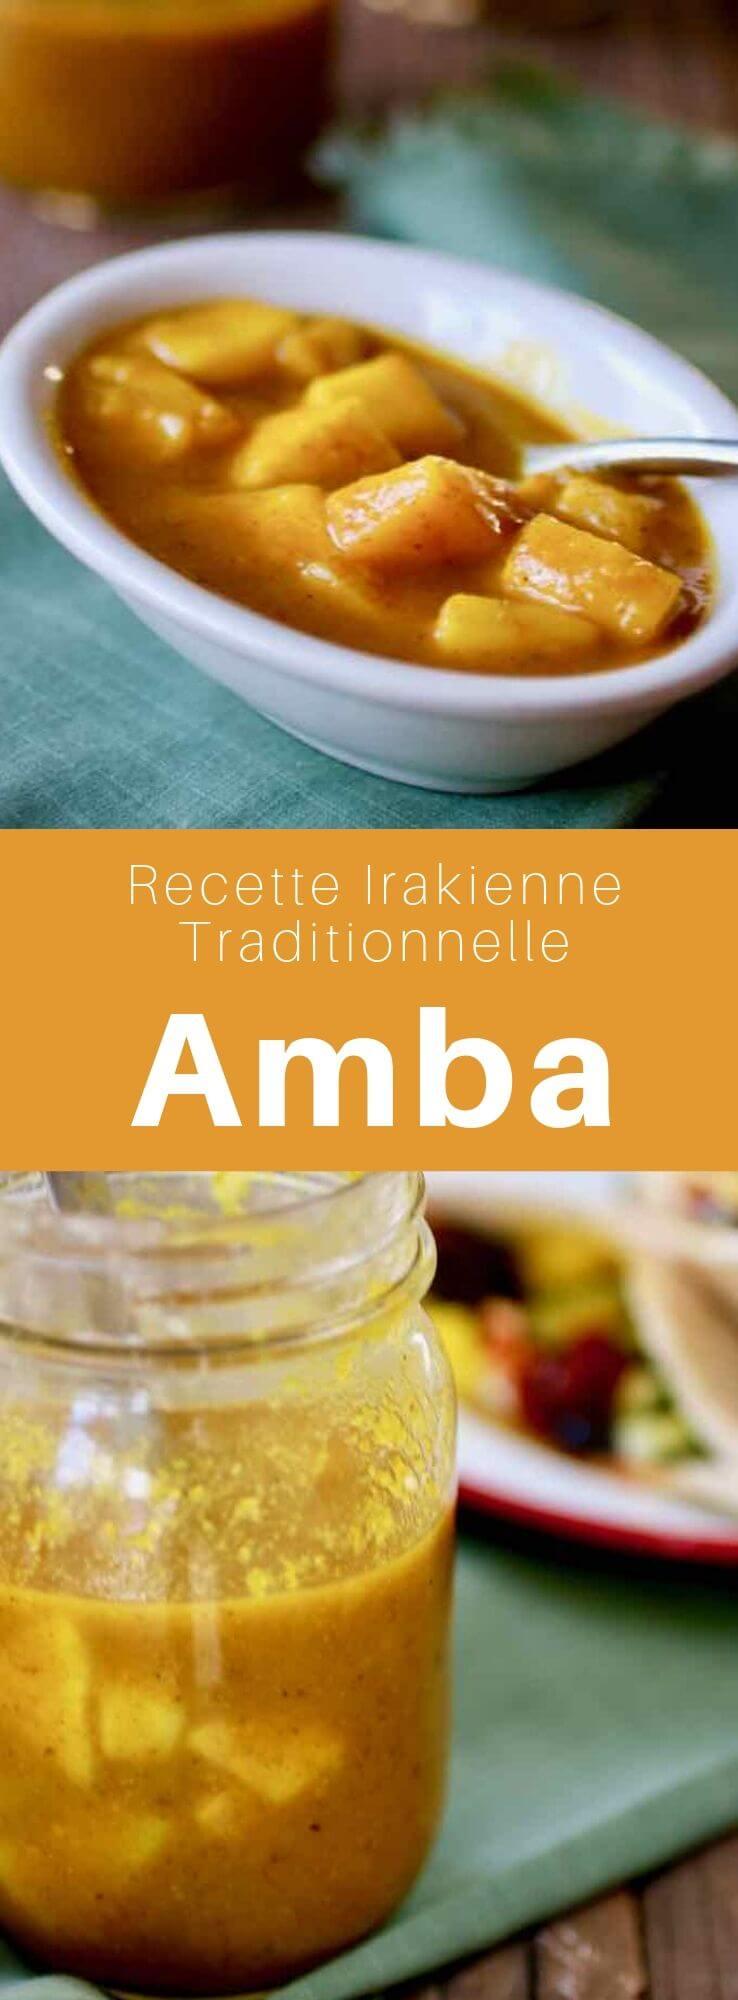 L'amba est une sauce composée de mangue, vinaigre et épices, qui est utilisée comme un condiment en cuisine irakienne et moyen-orientale. #MiddleEast #MiddleEastern #Iraq #IraqiCuisine #IraqiRecipe #WorldCuisine #196flavors